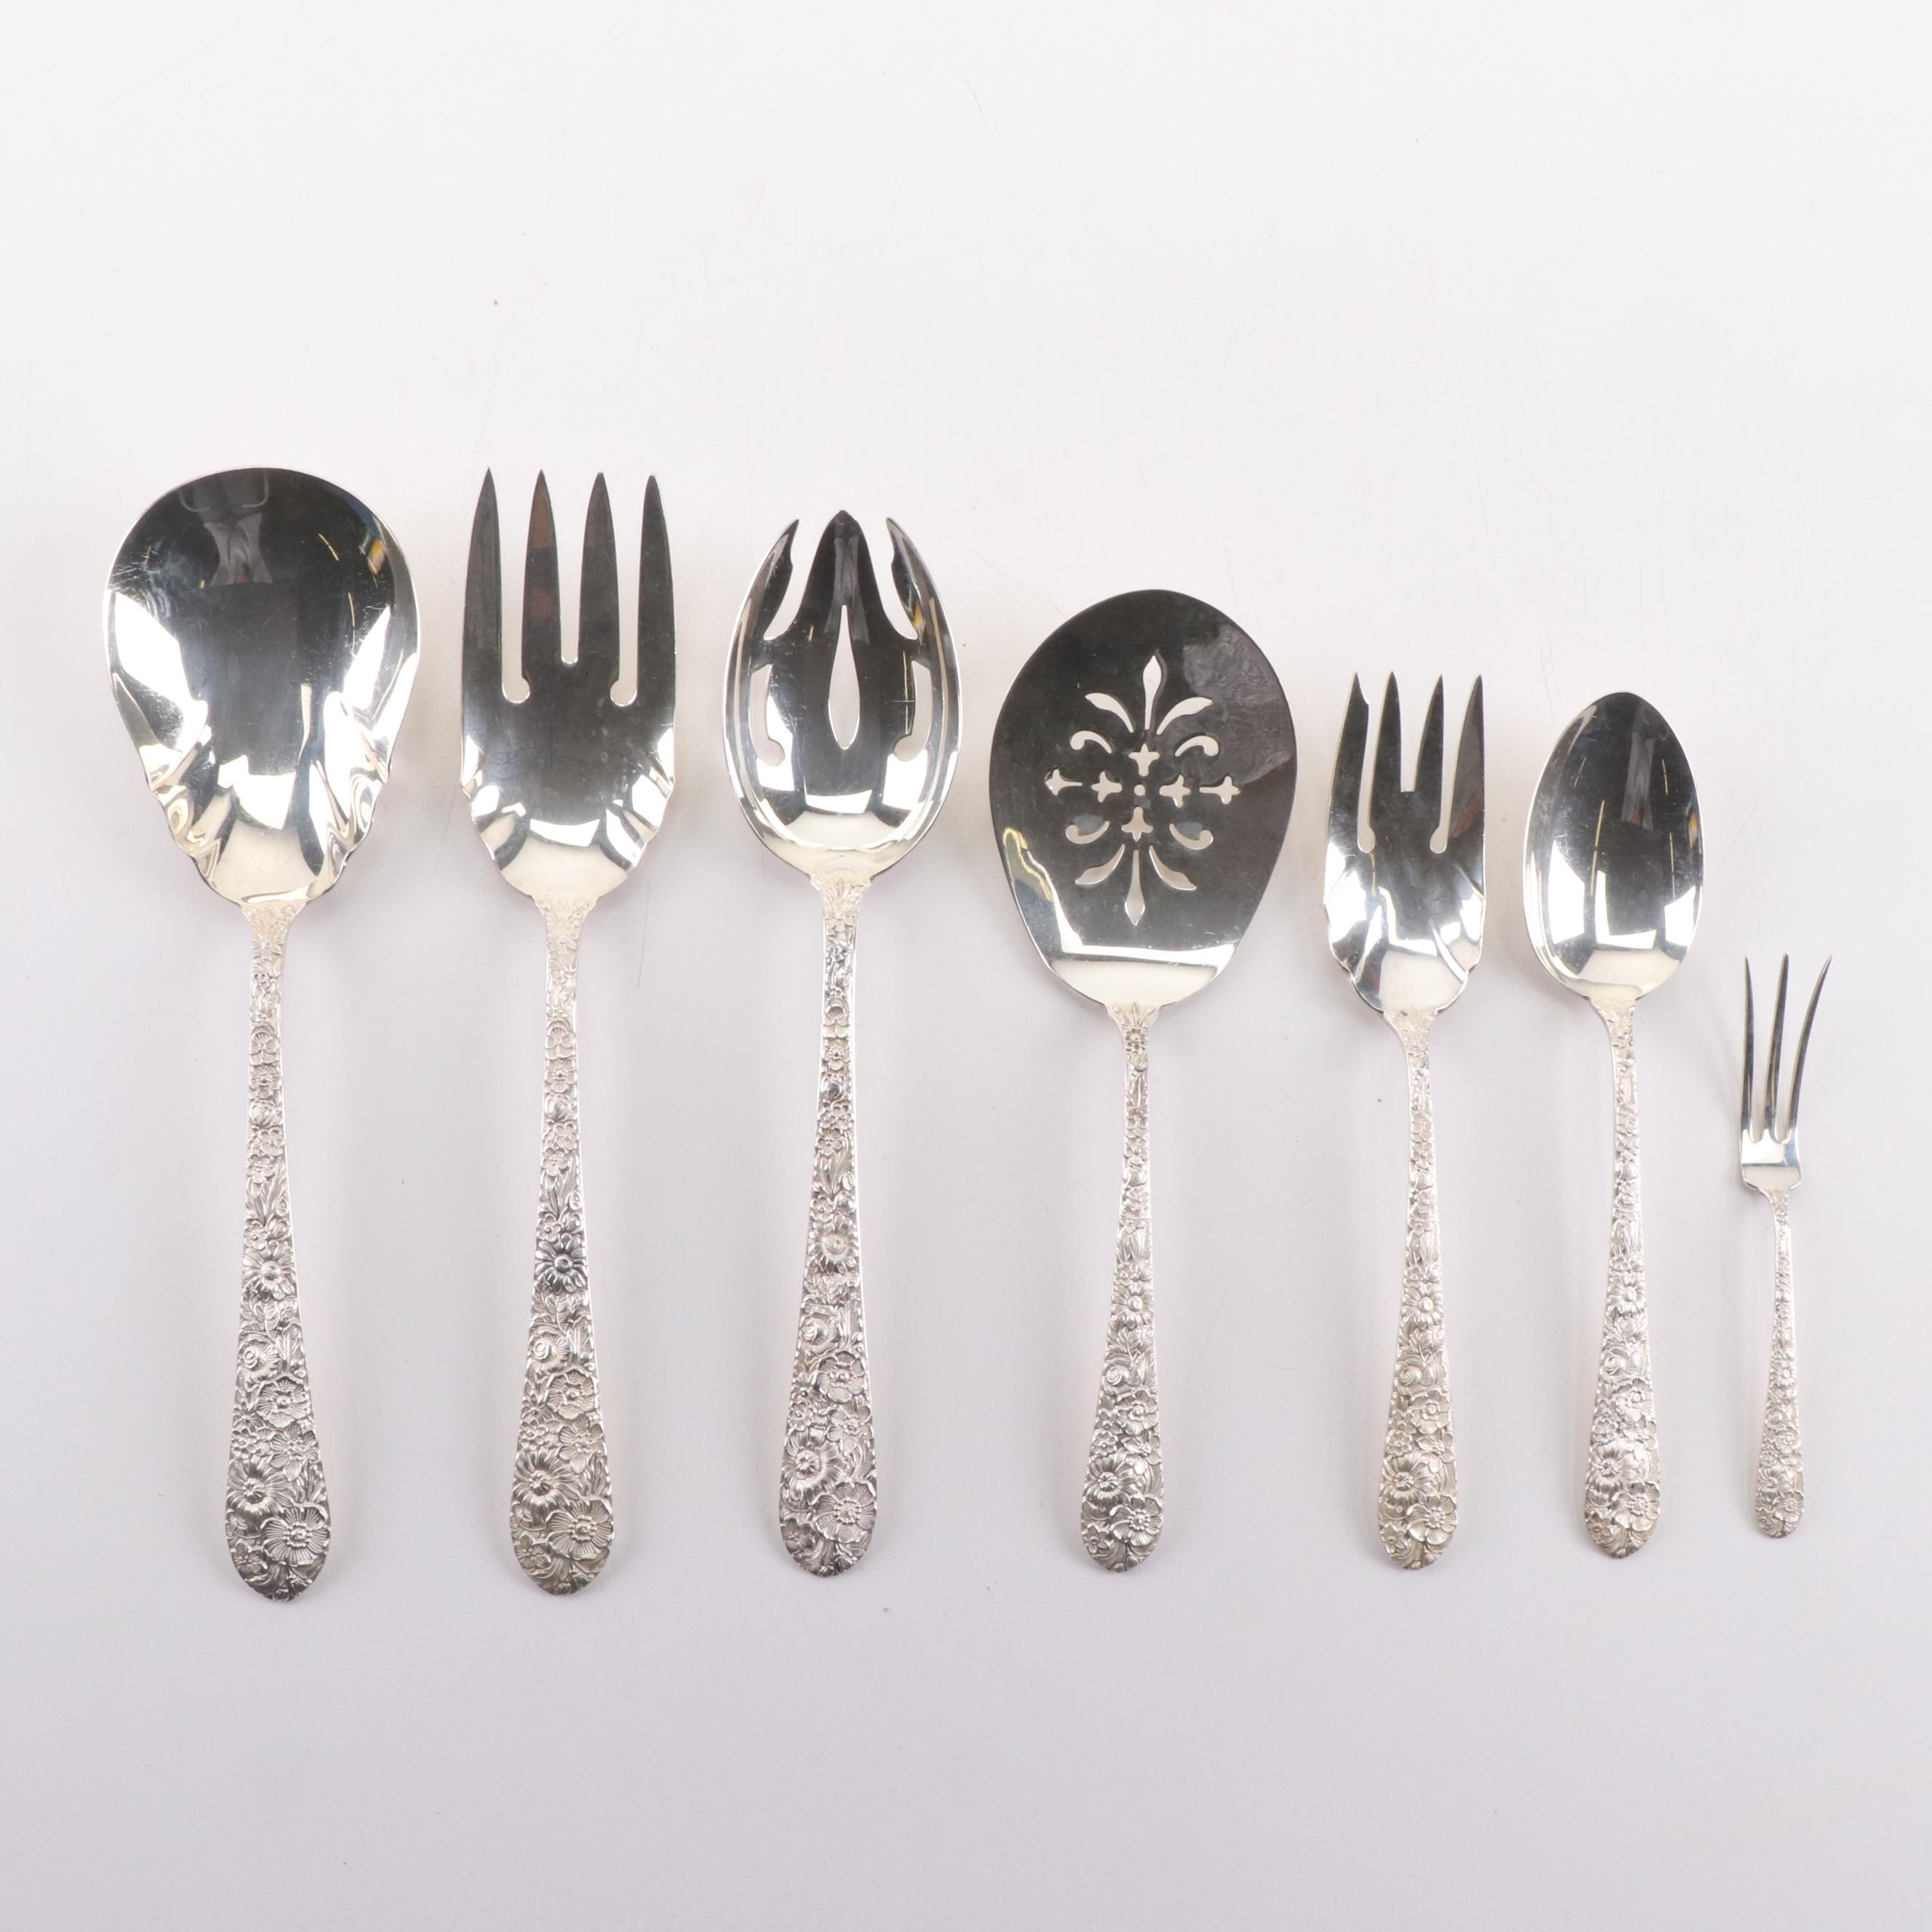 Sterling Silver Flatware Alvin Bridal Bouquet Regular Fork